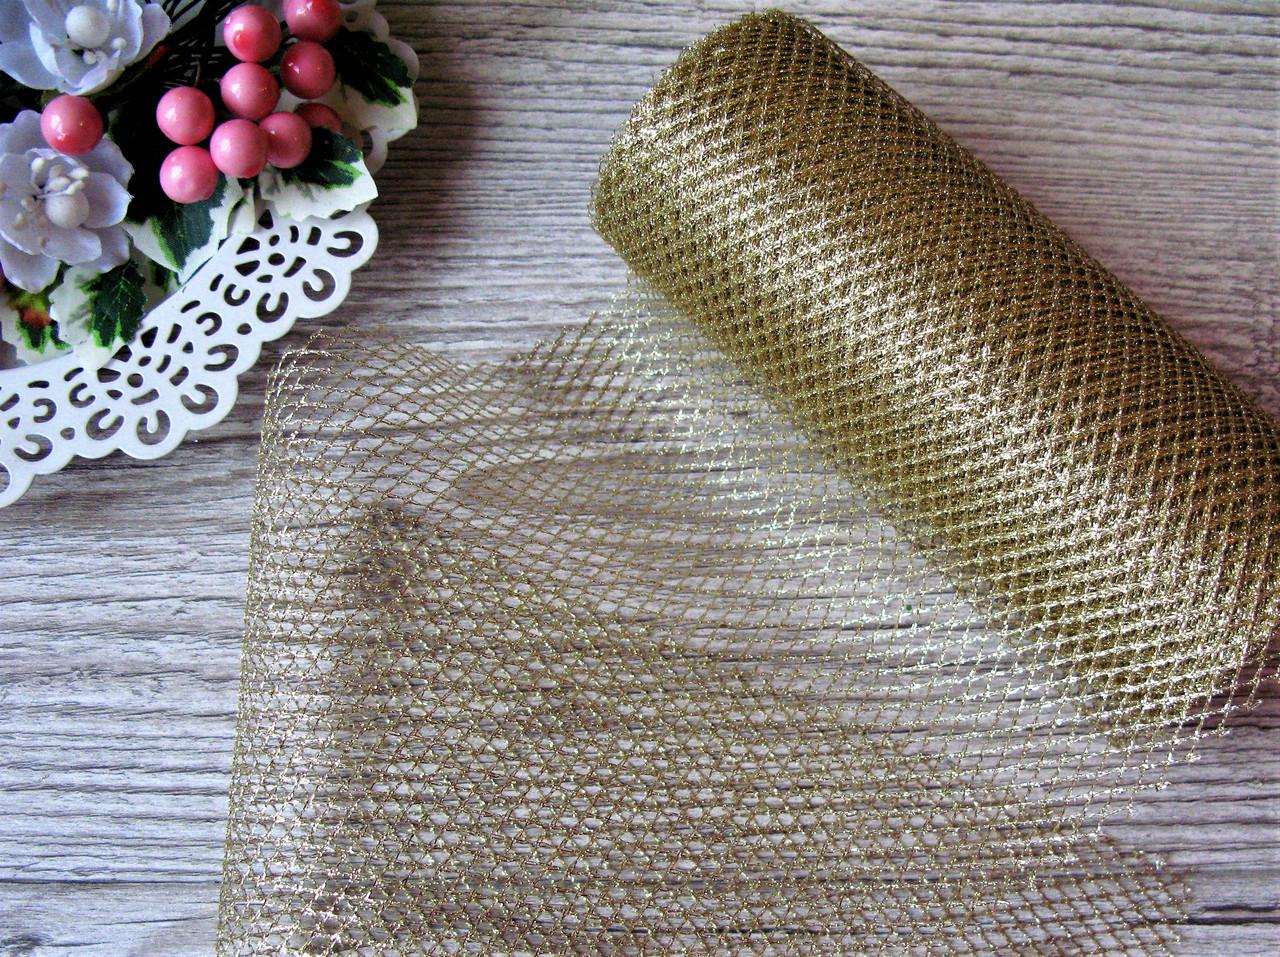 Сетка эластичная (стрейч) золотая. Бобина ширина 15 см длина 5 ярдов 53 грн.